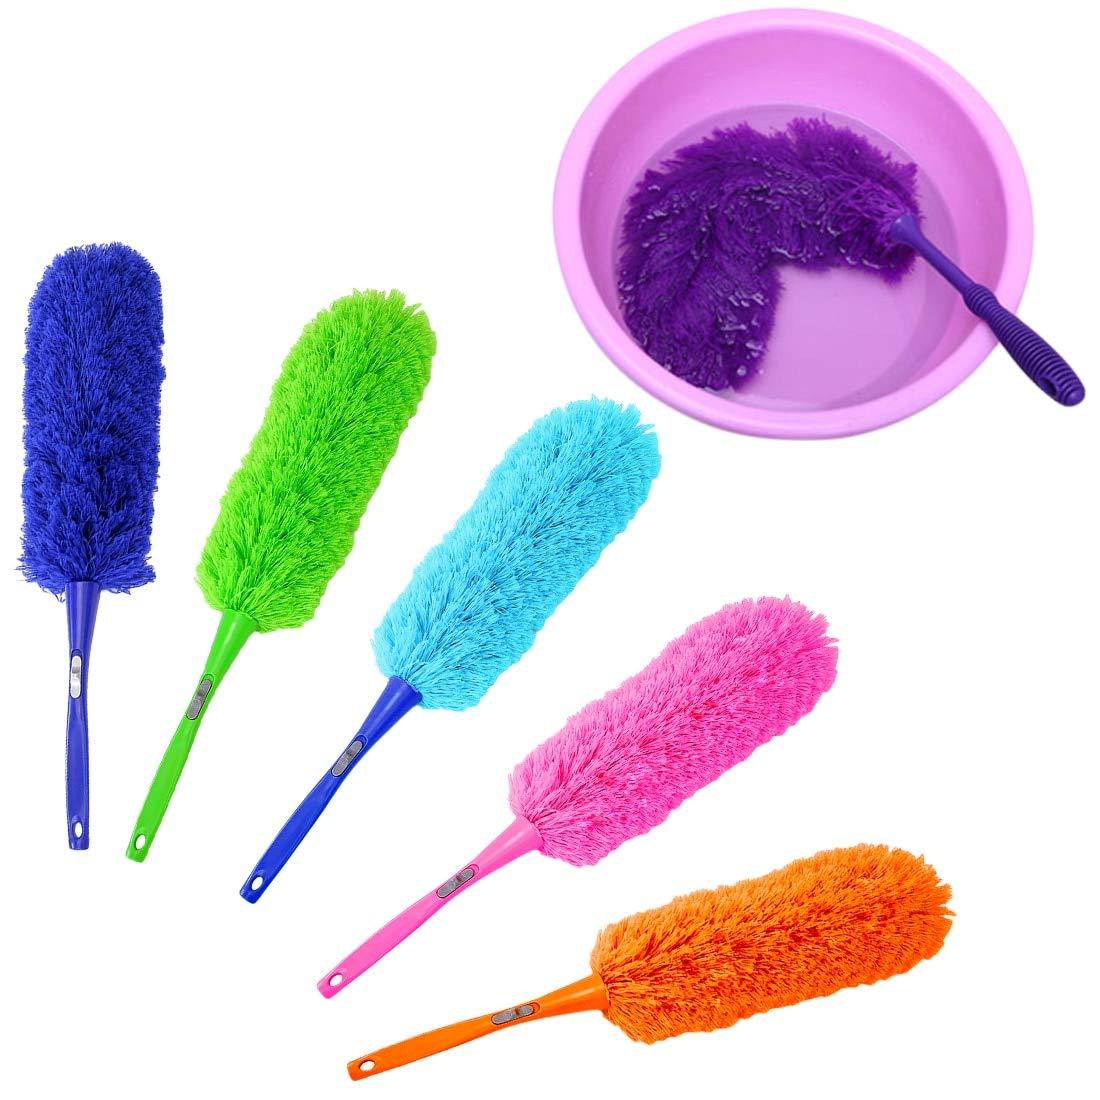 Limpia el polvo – 1 cepillo de microfibra suave para limpiar el ...